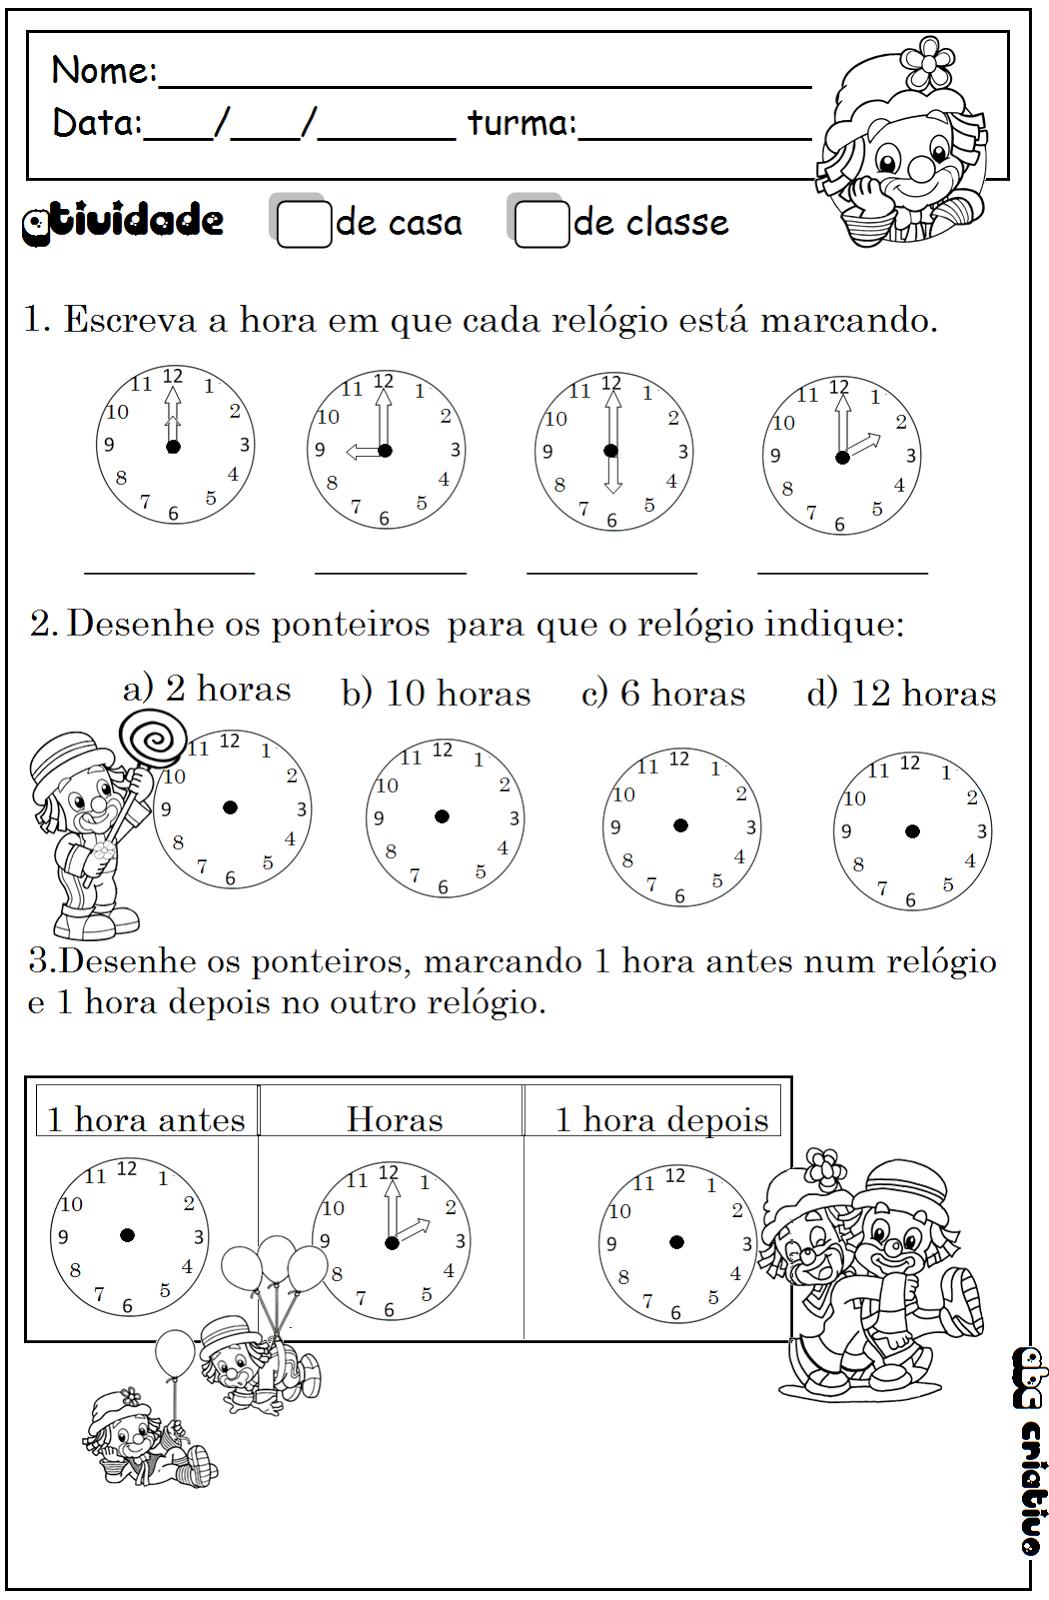 Matematica Infantil Ordem Crescente E Decrescente 1 A 25